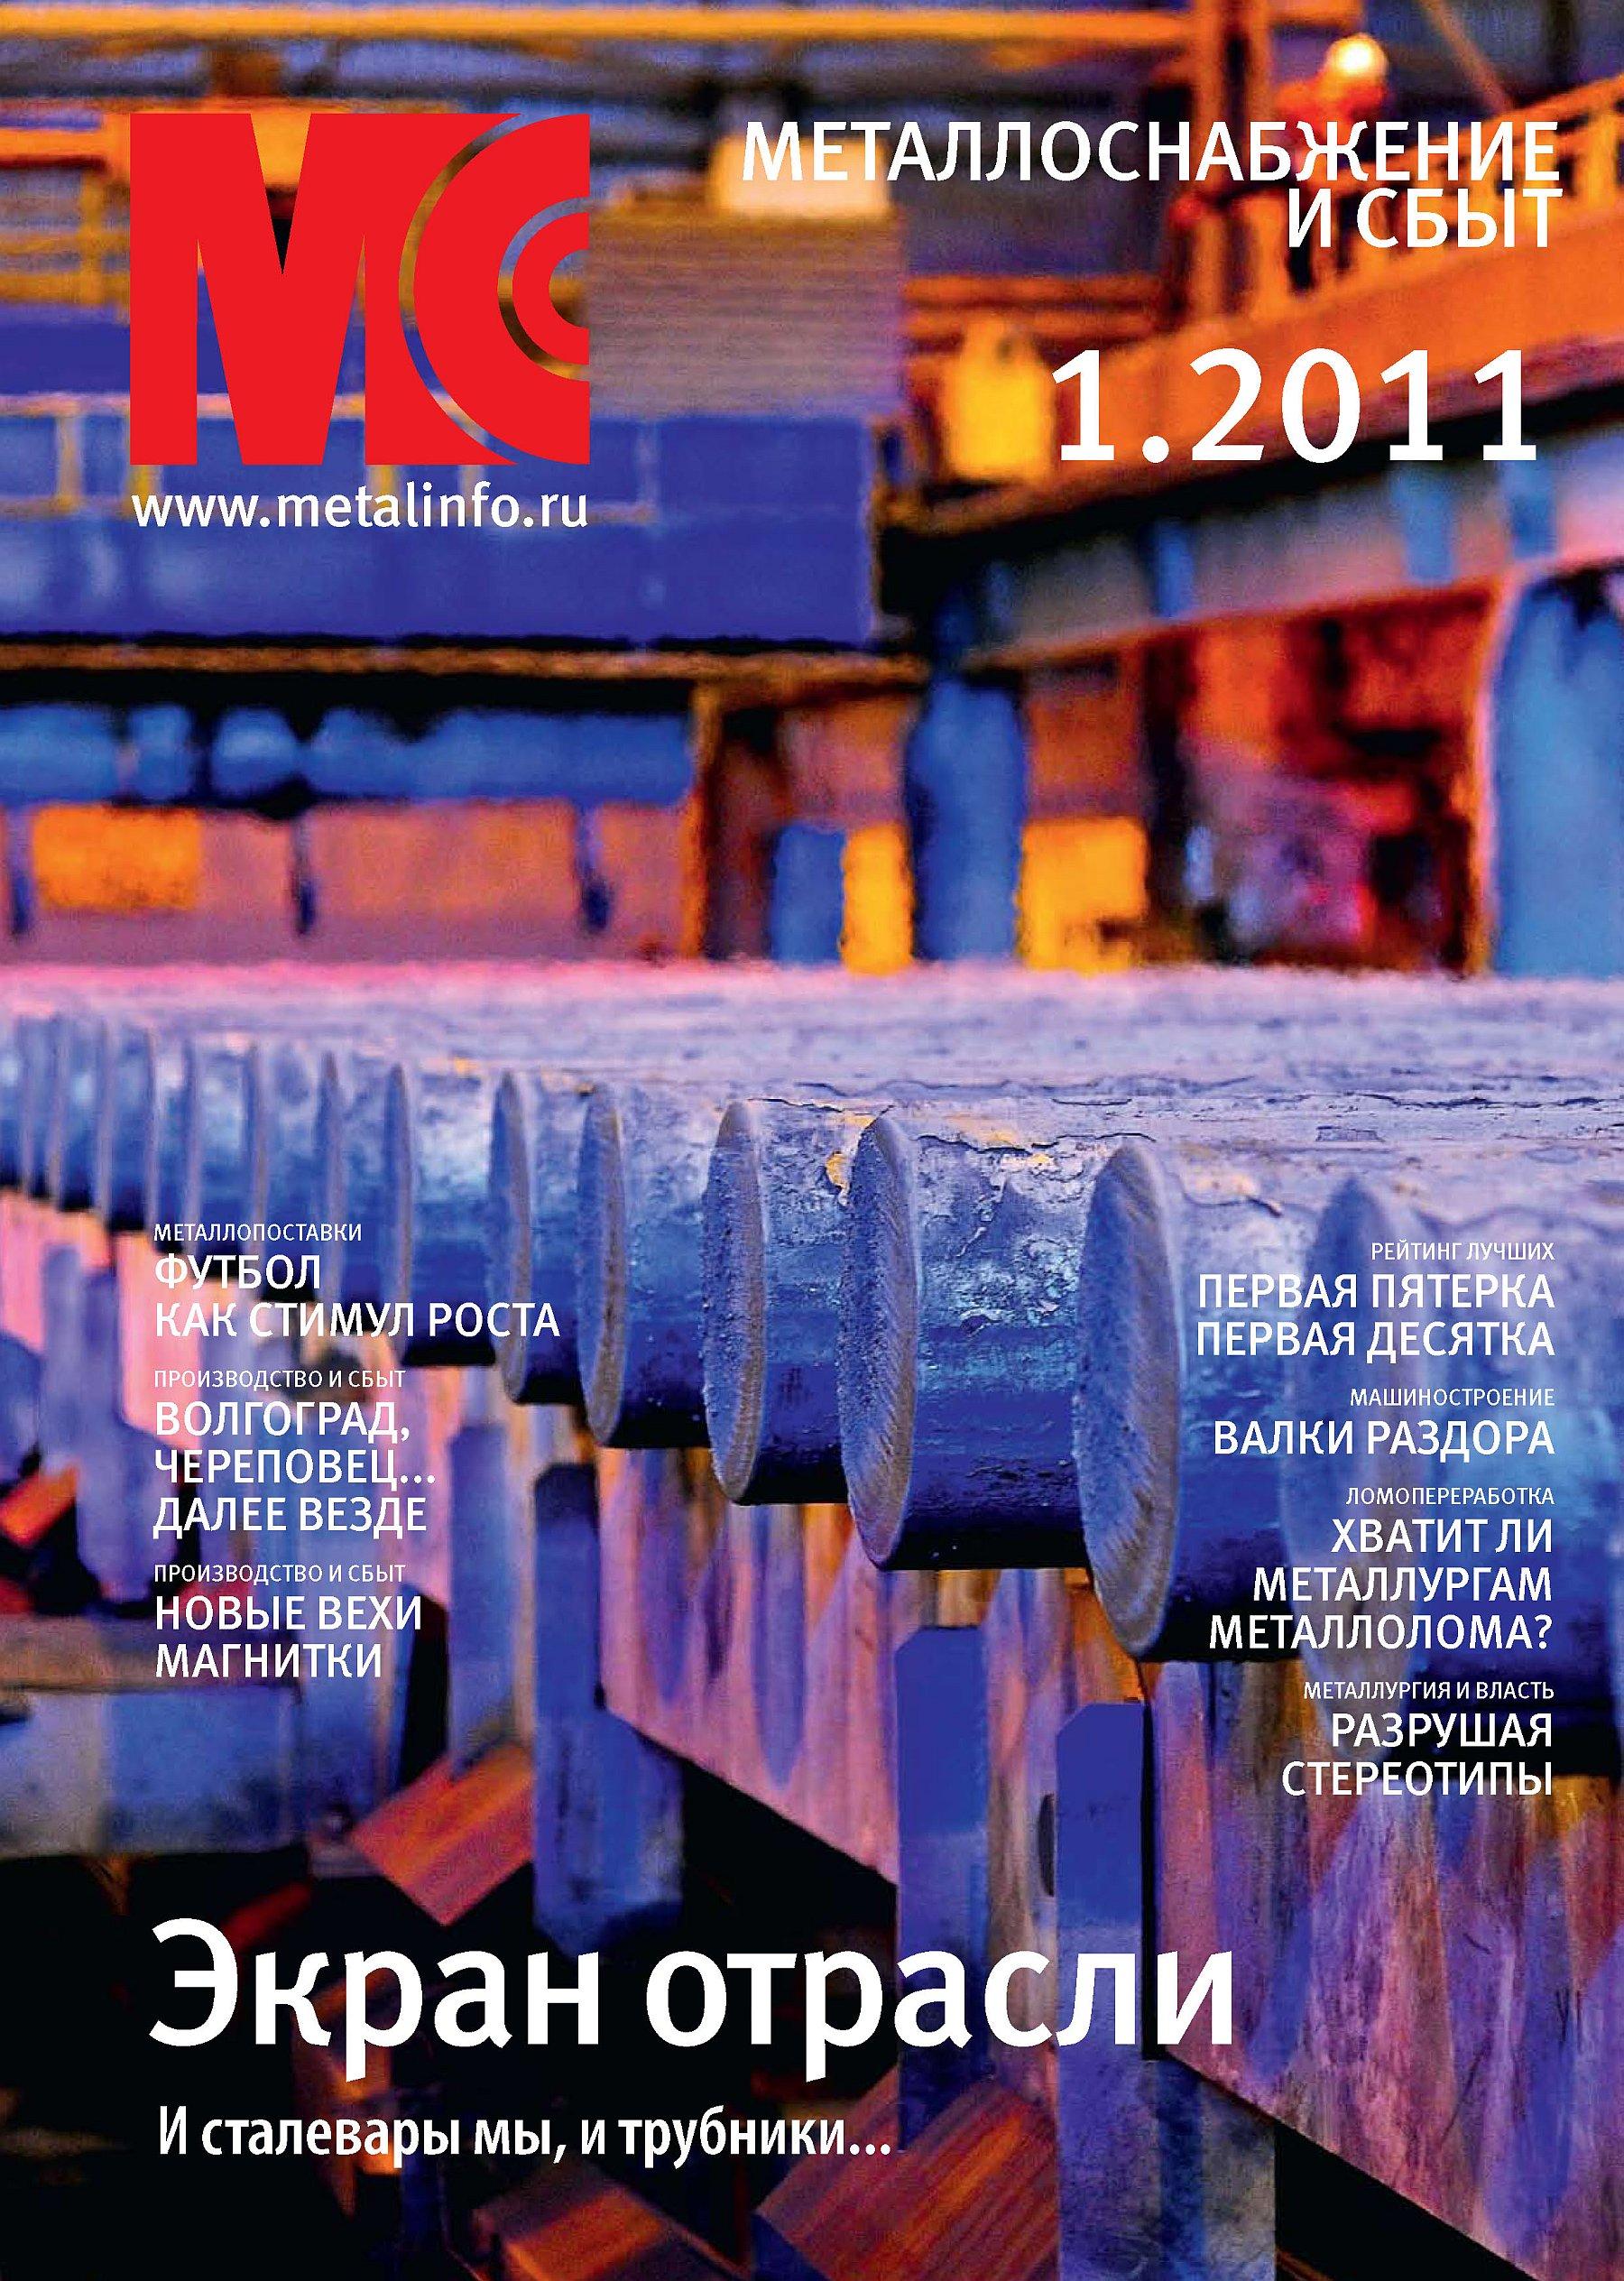 Отсутствует Металлоснабжение и сбыт №1/2011